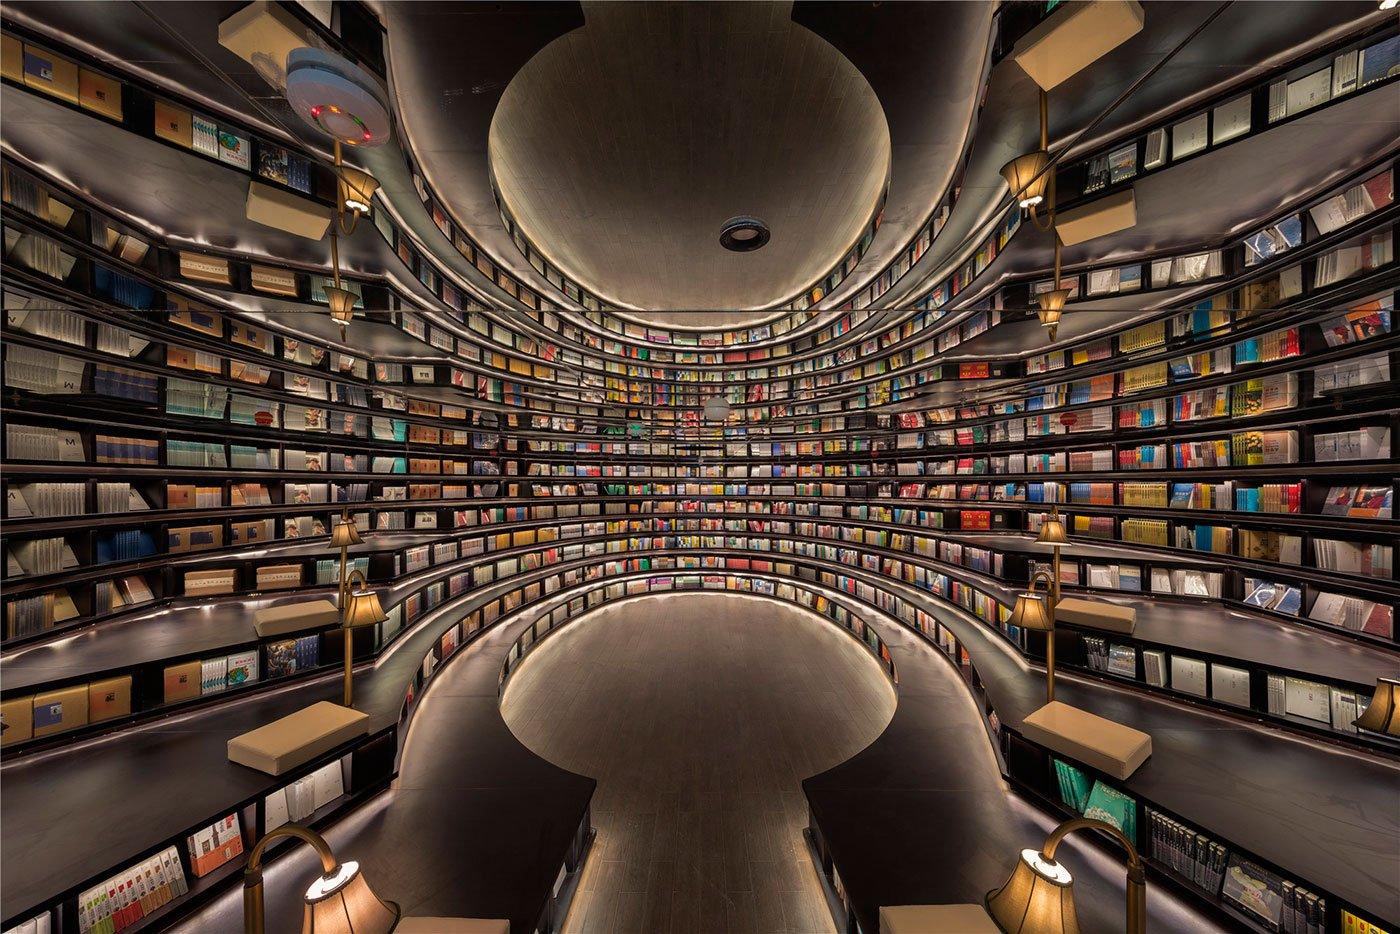 Librería de Zhongsuhge Hangzhou por XL-MUSE. Fotografía © Shao Feng